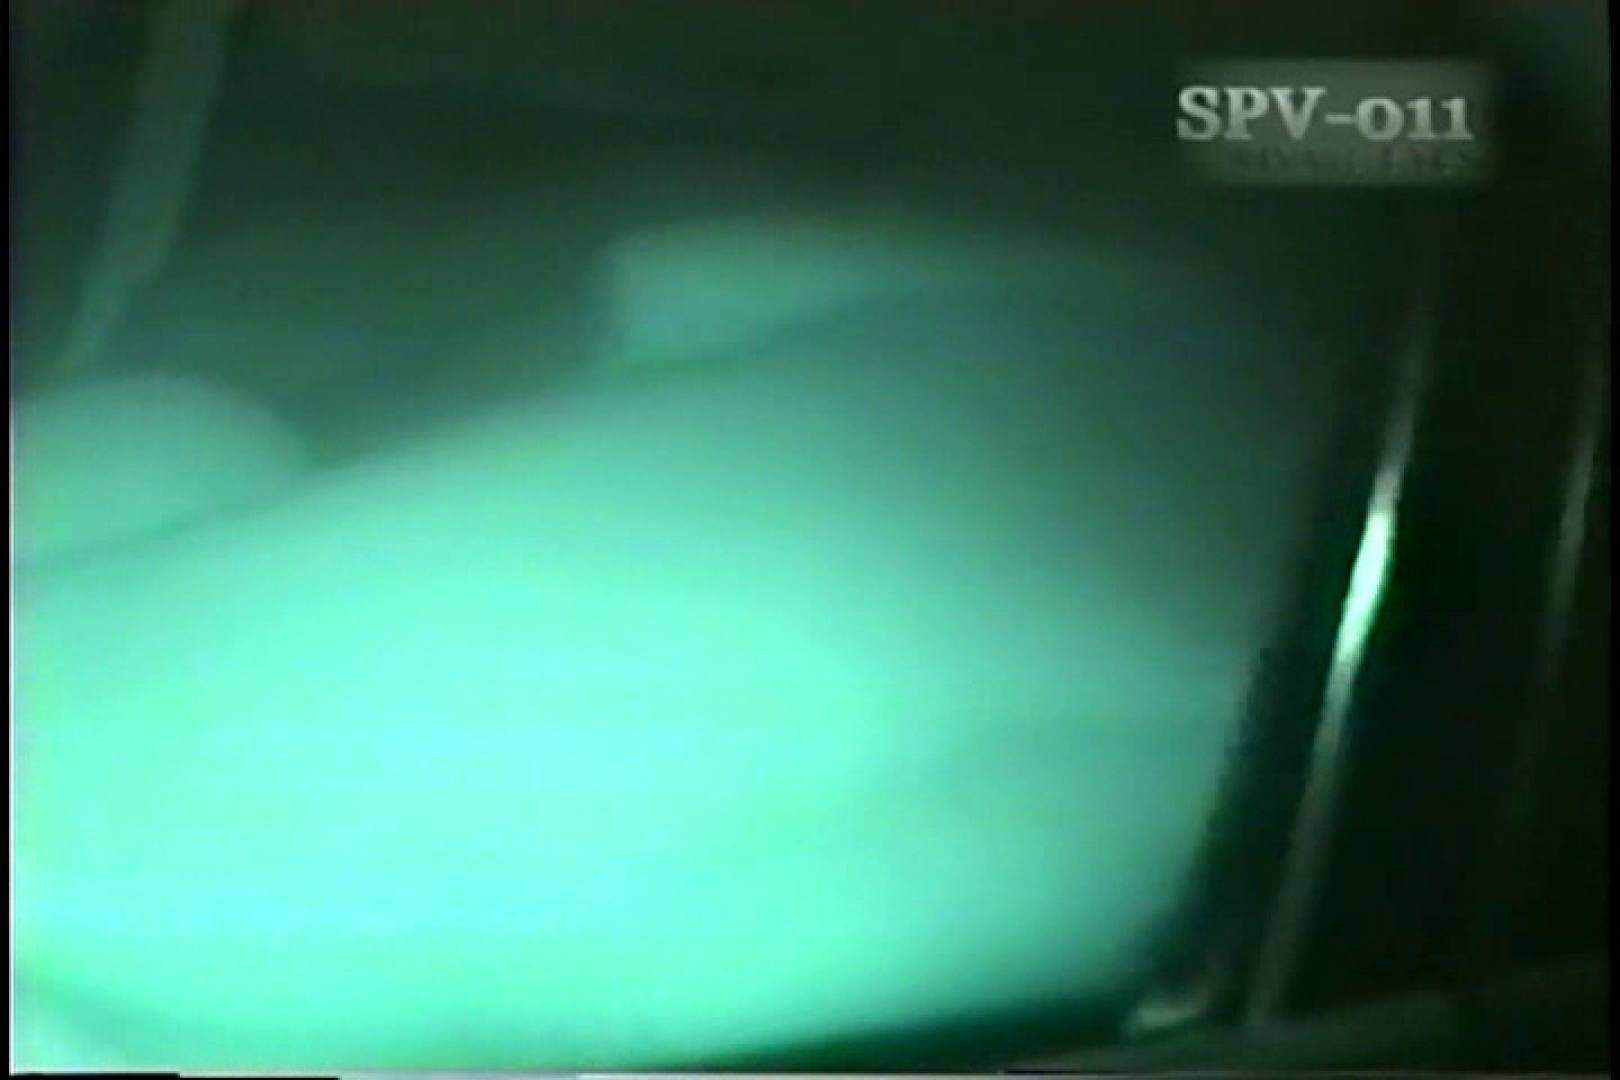 高画質版!SPD-011 盗撮 カーセックス黙示録 (VHS) プライベート アダルト動画キャプチャ 104連発 27